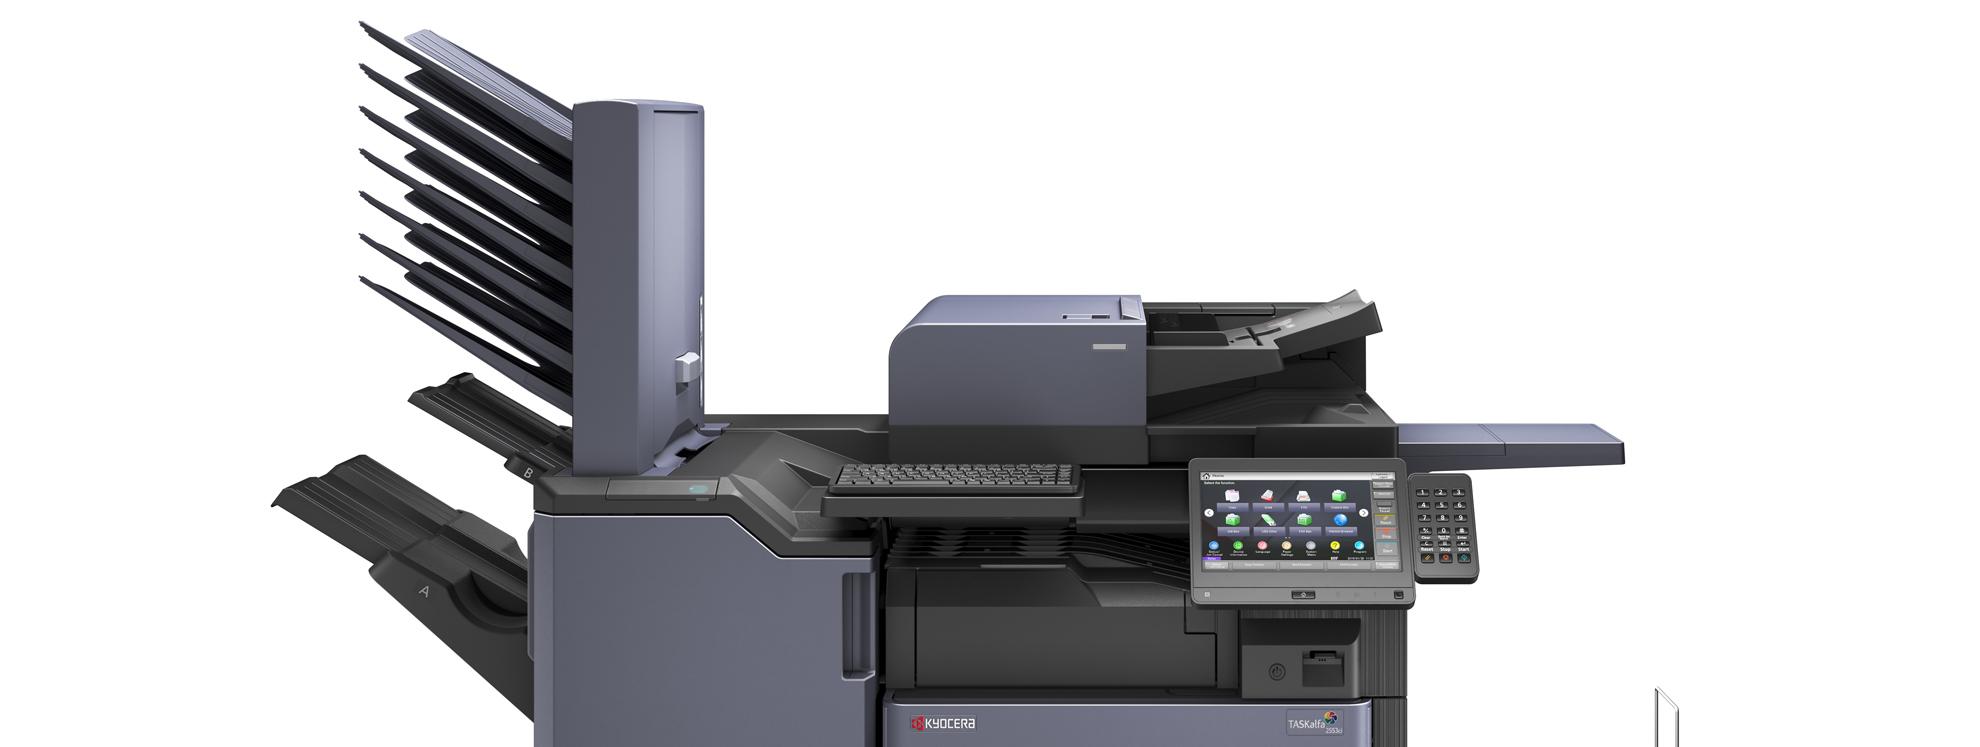 Renting Impressora / Multifunções Kyocera Taskalfa 2553Ci